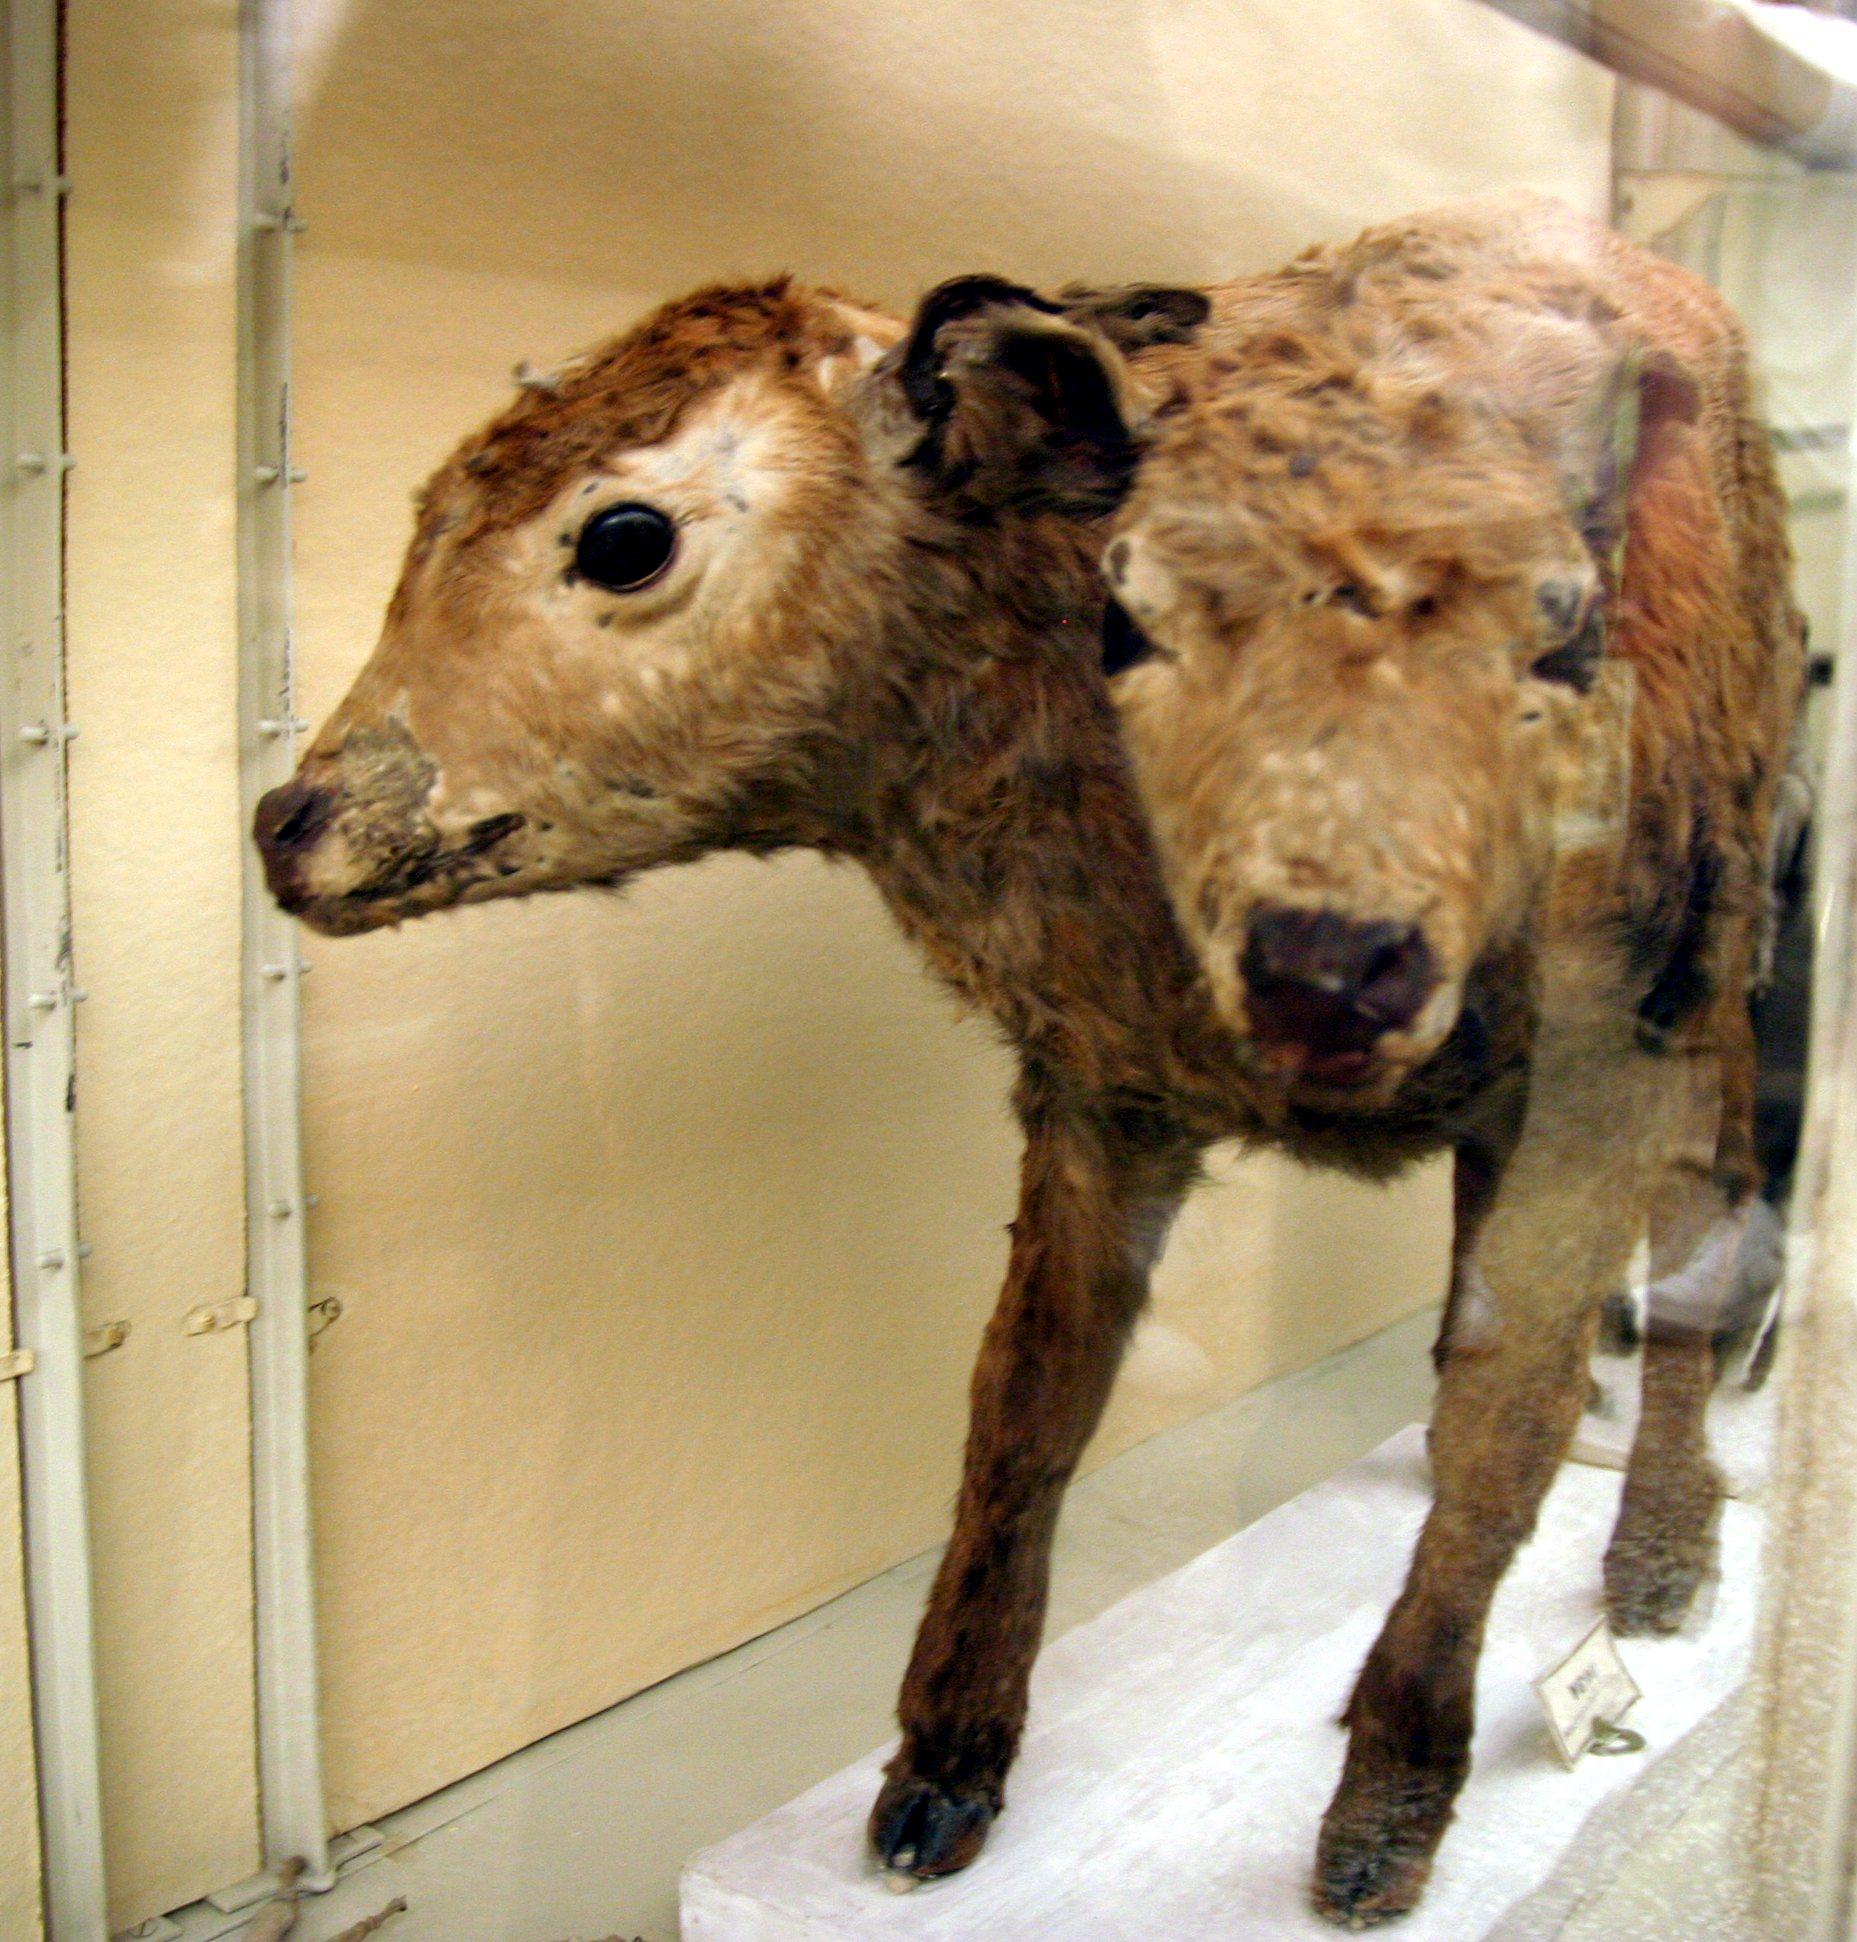 Human cattle nackt films